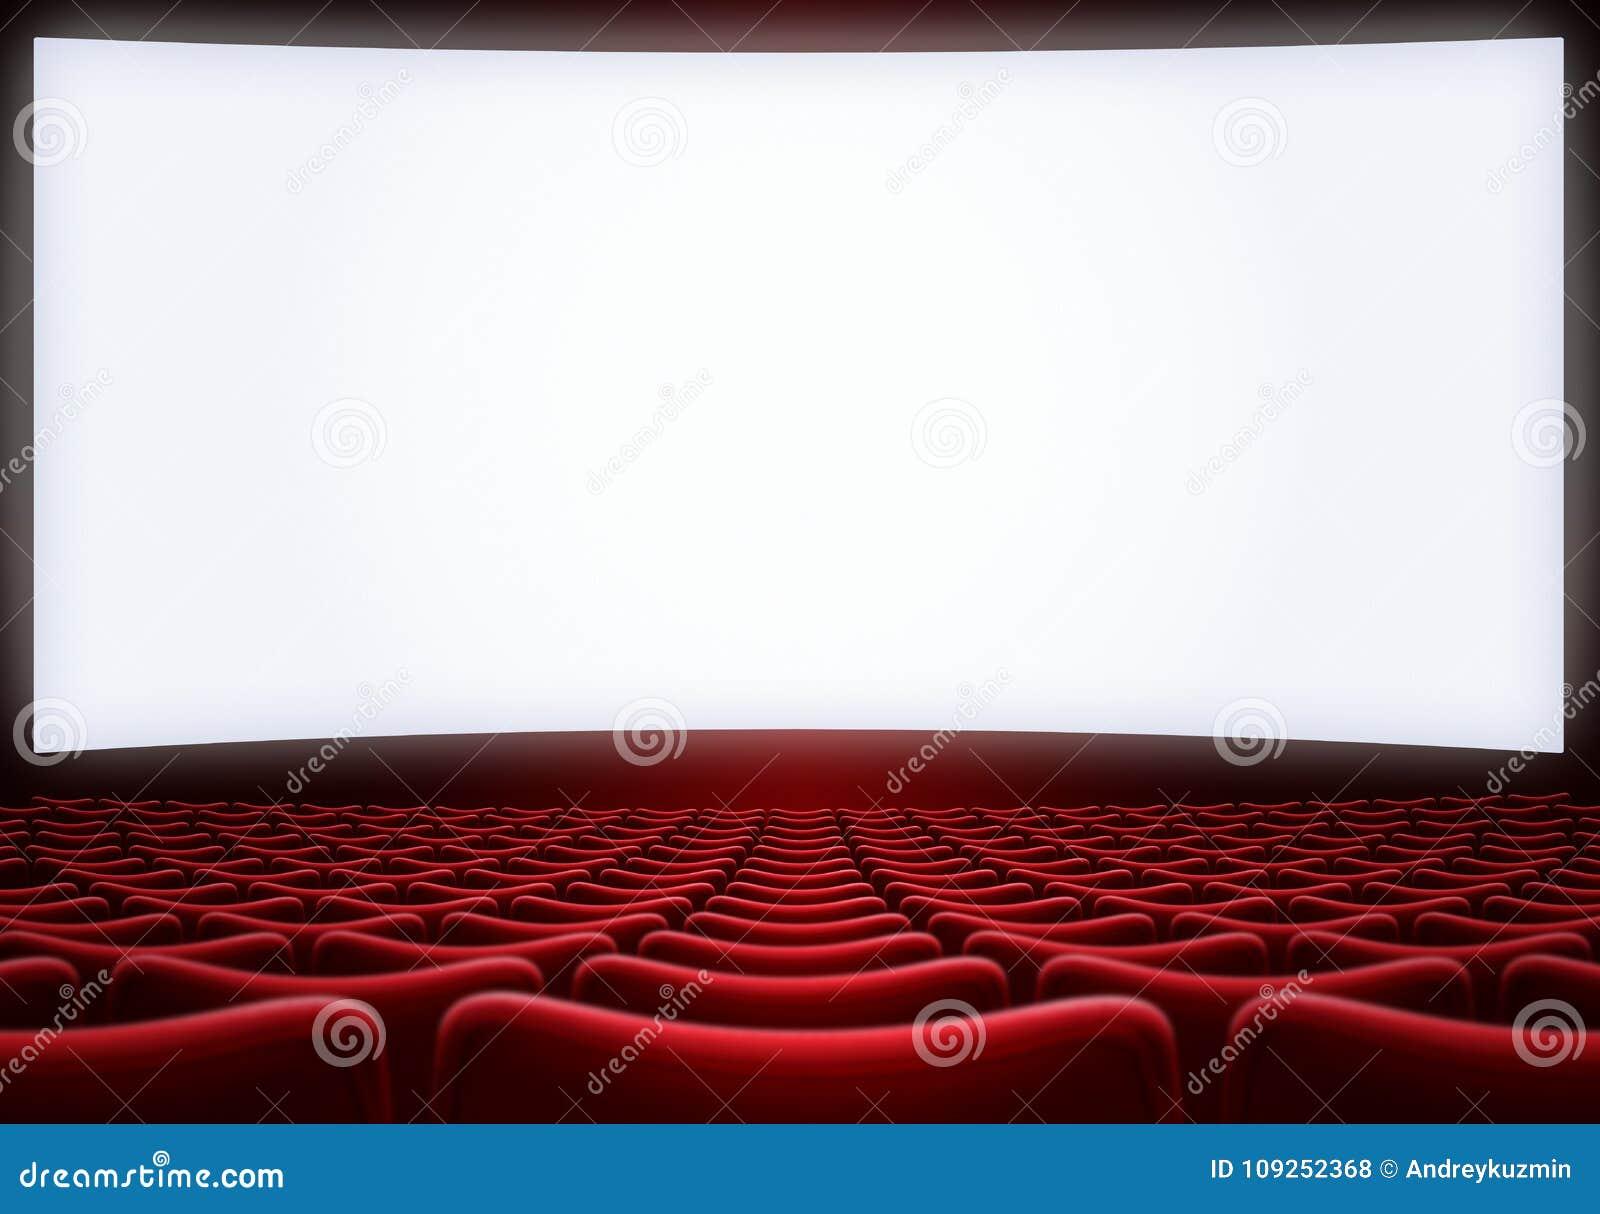 l 39 cran de salle de cin ma avec le rouge pose l 39 illustration 3d photo stock image du cin ma. Black Bedroom Furniture Sets. Home Design Ideas